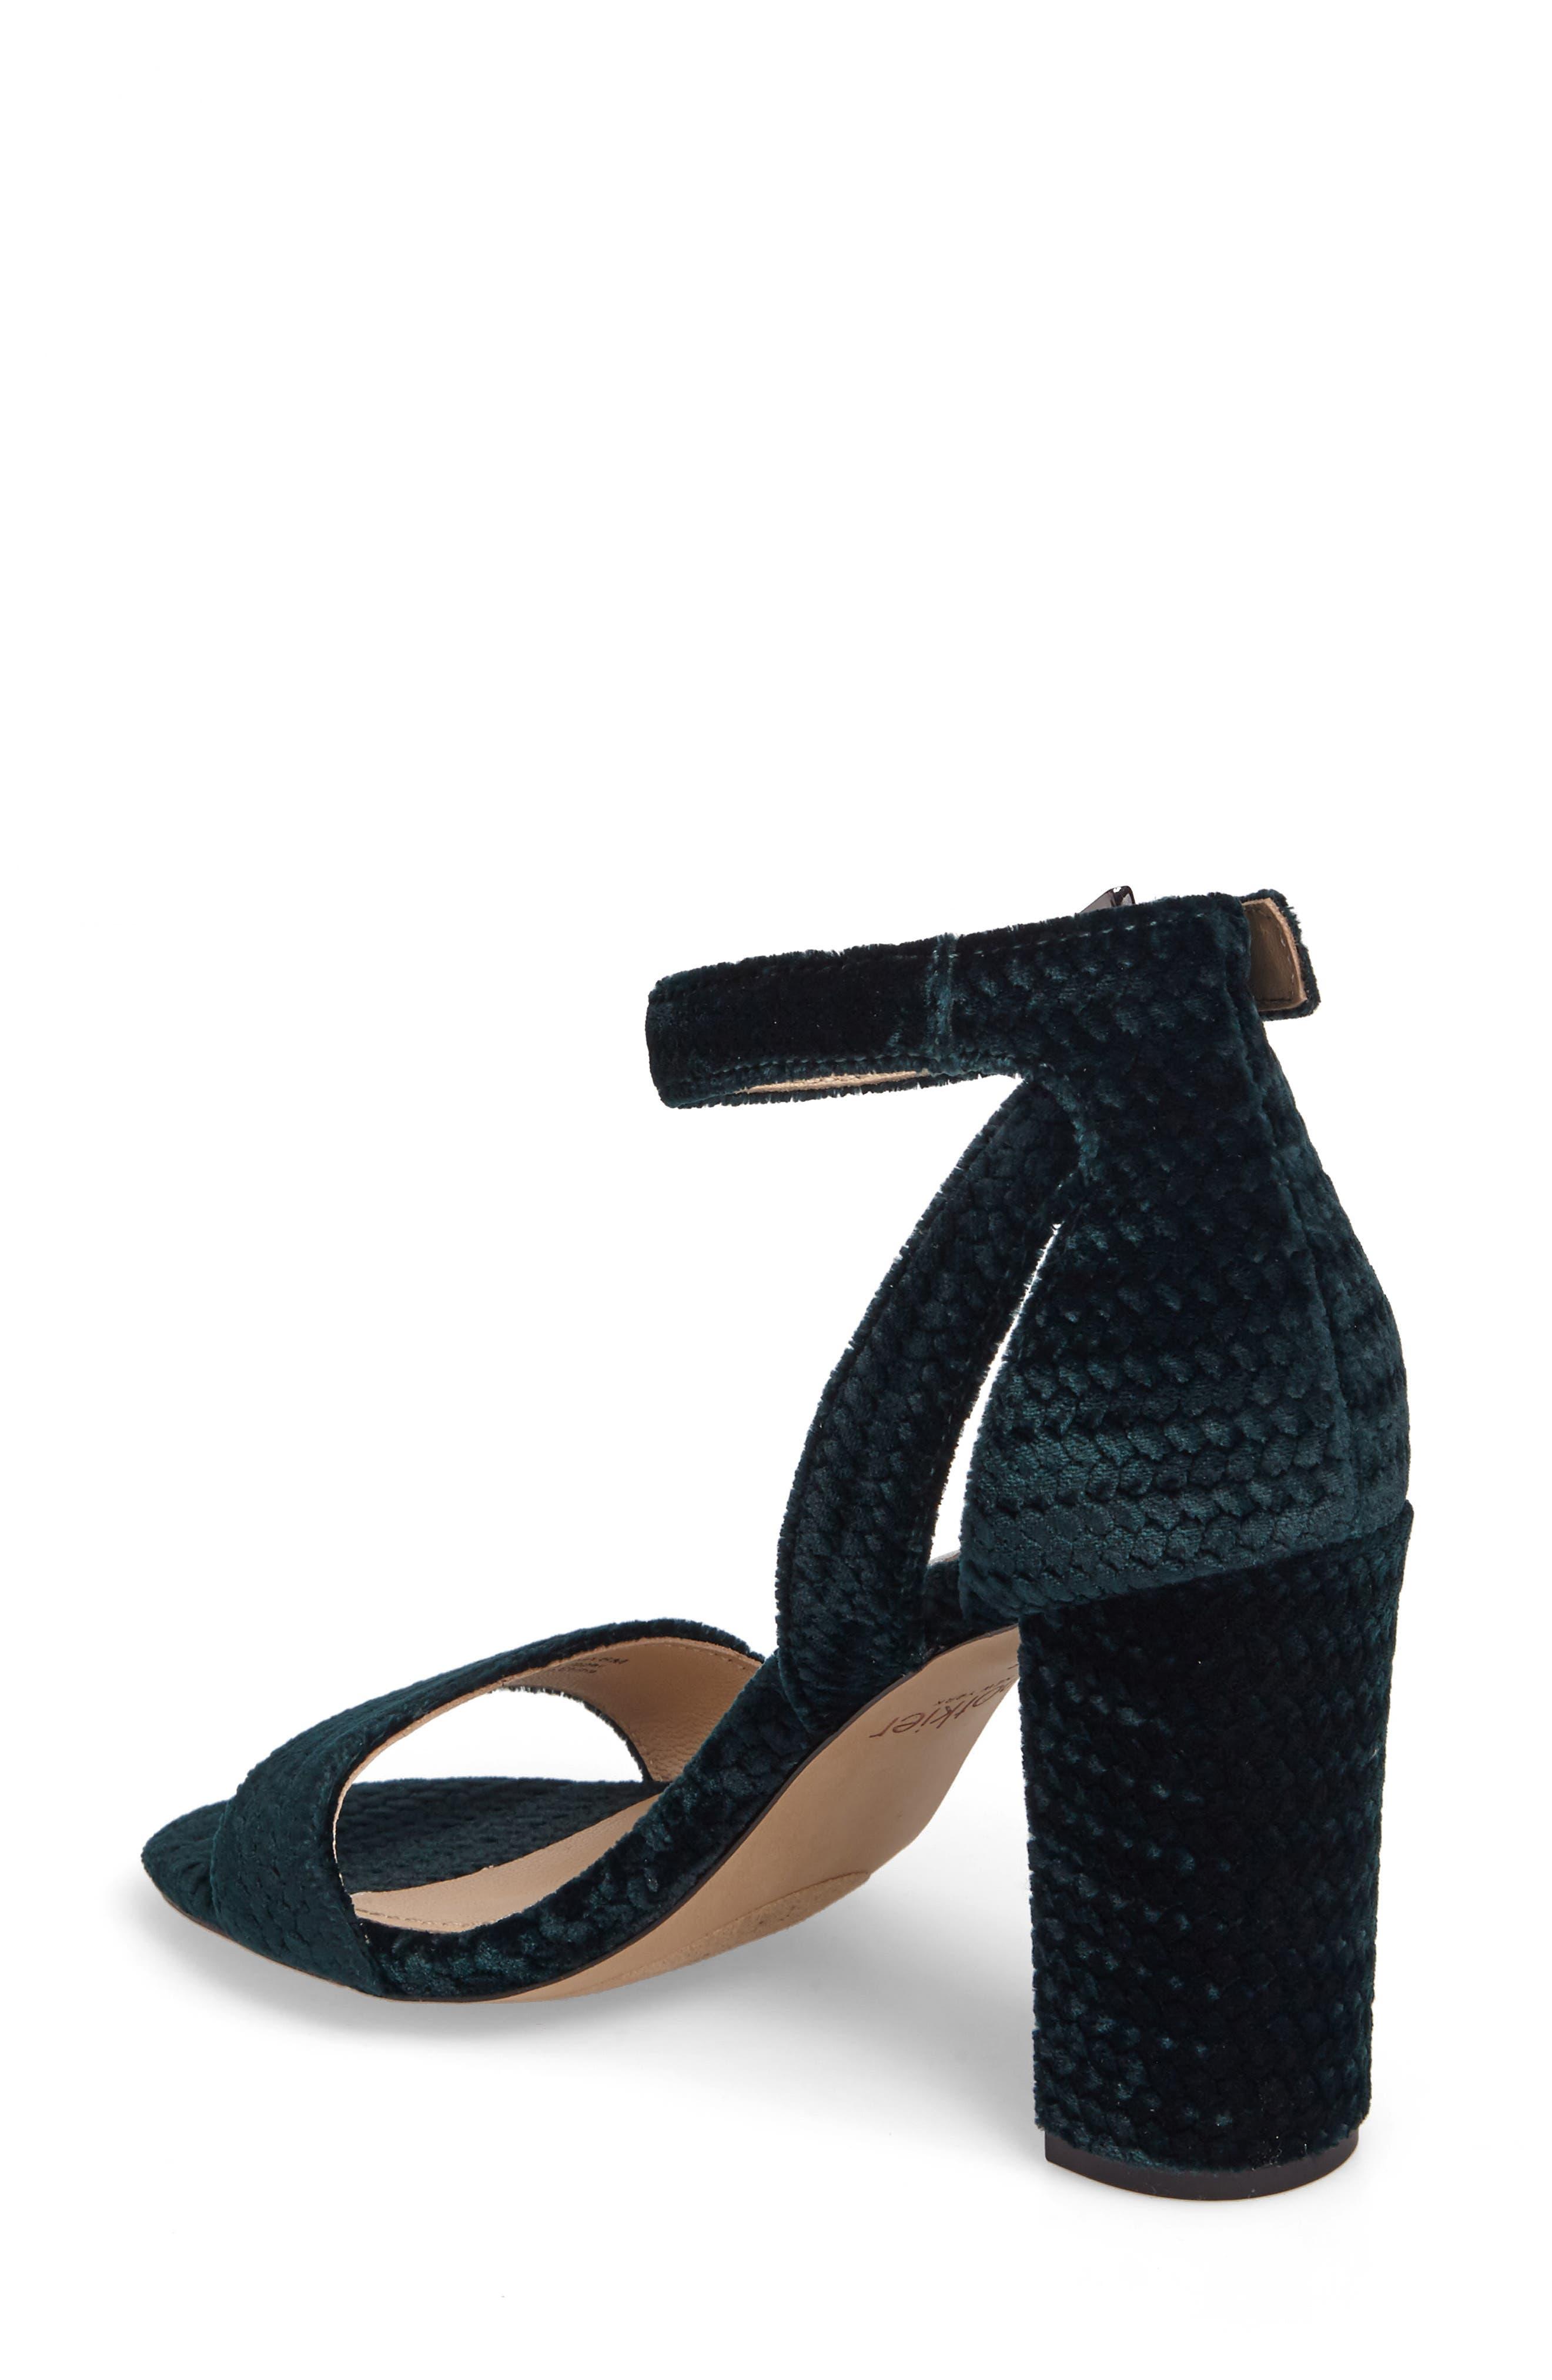 Gianna Ankle Strap Sandal,                             Alternate thumbnail 2, color,                             Emerald Velvet